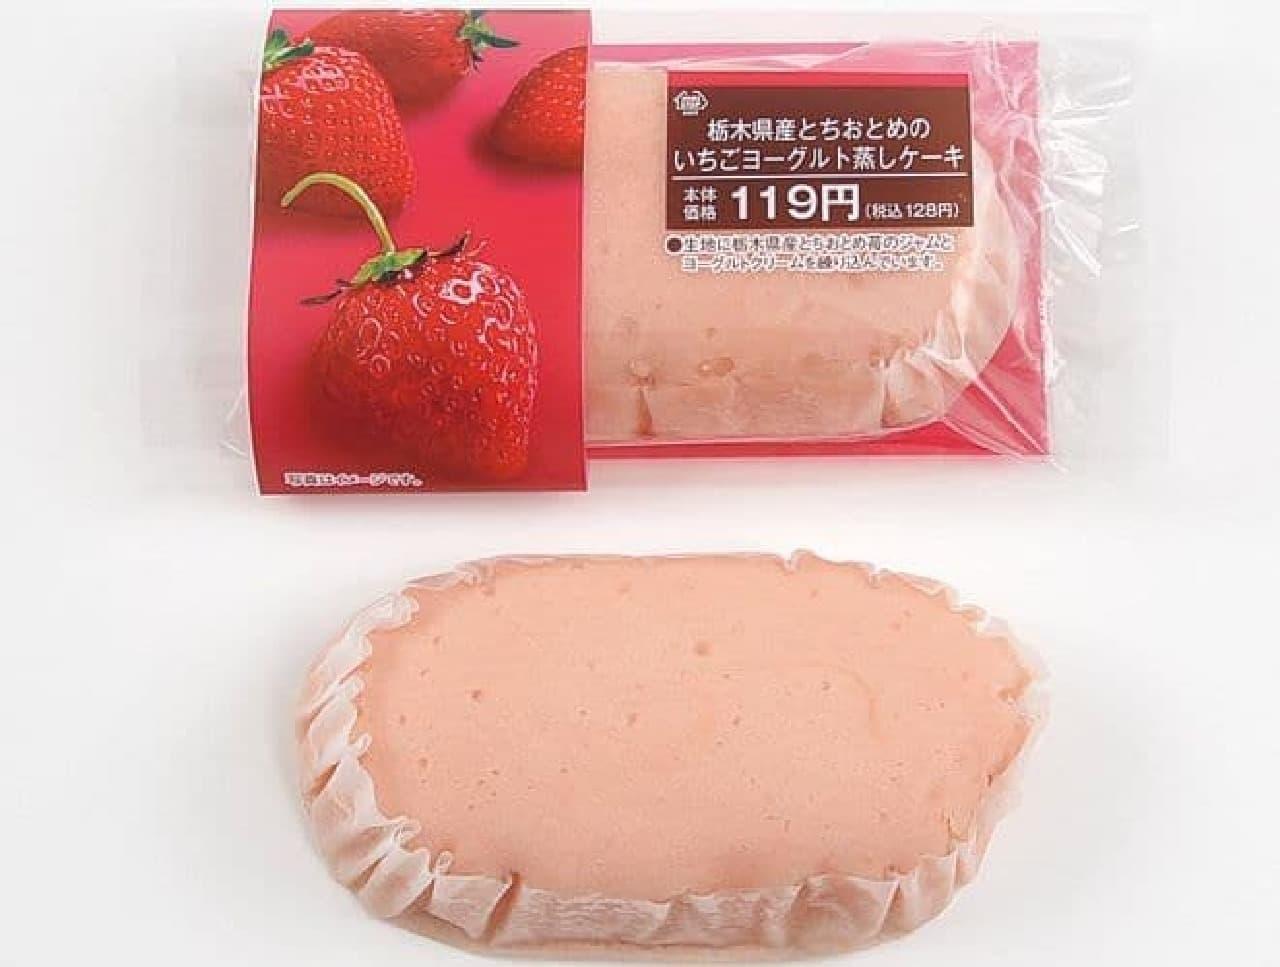 ミニストップ「栃木県産とちおとめのいちごヨーグルト蒸しケーキ」